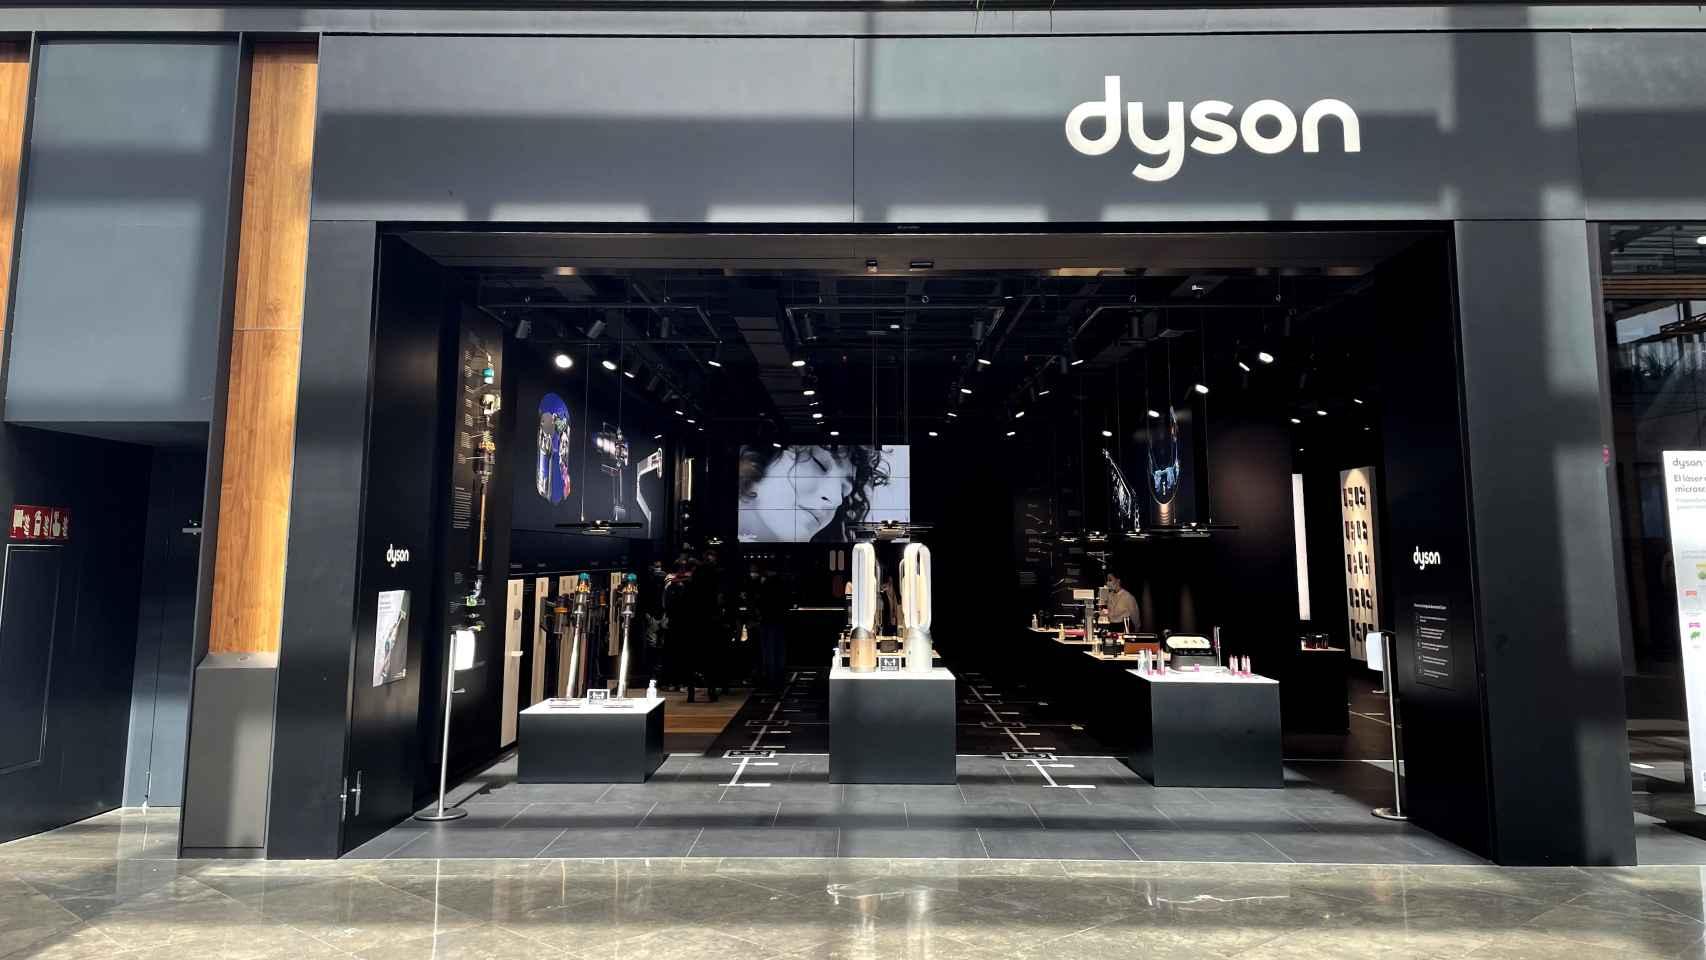 Visitamos la tienda Dyson en Barcelona